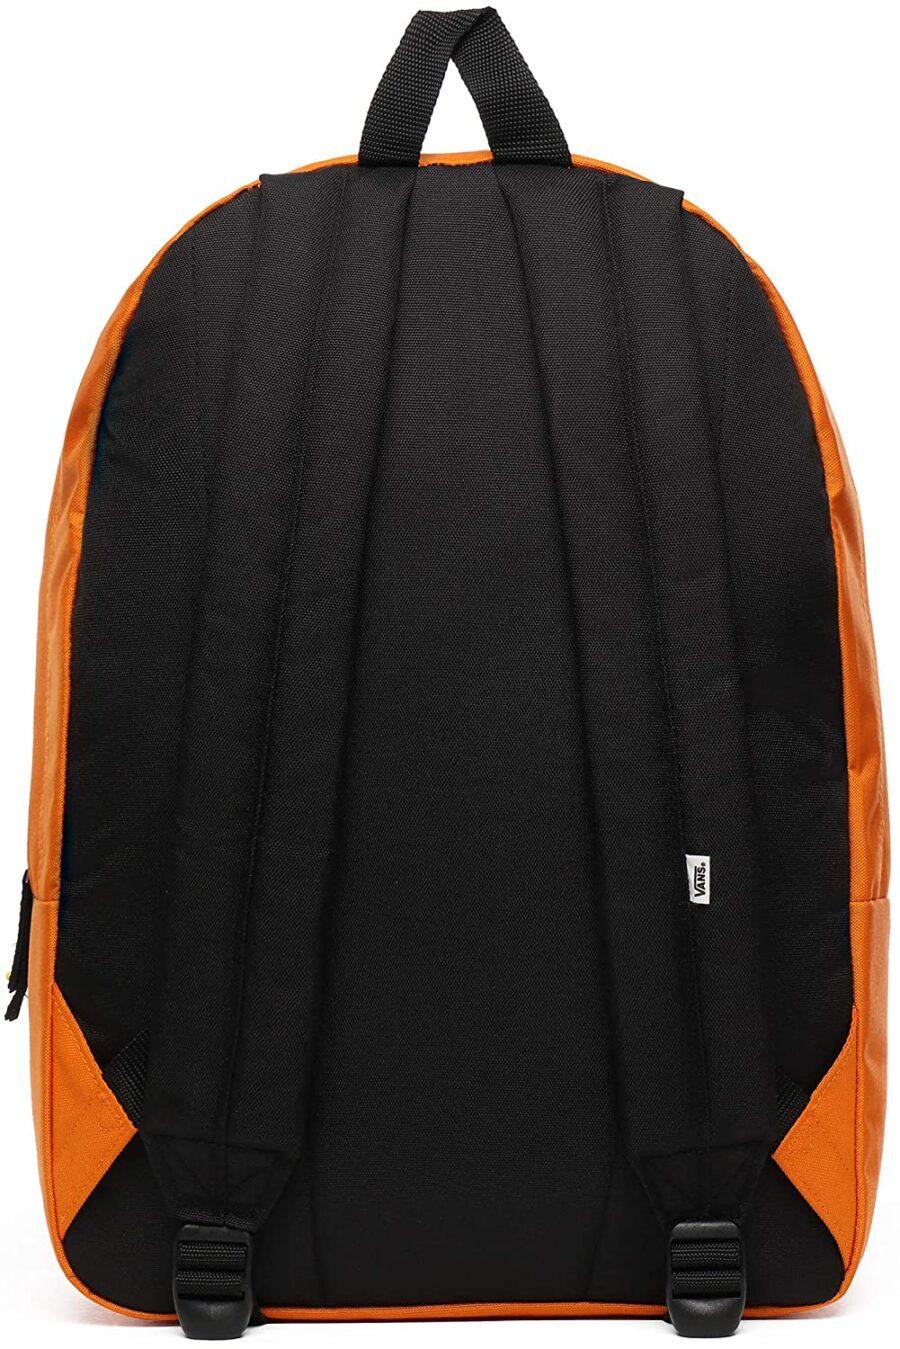 Vans Backpack Exuberancia Top 2 Amazon